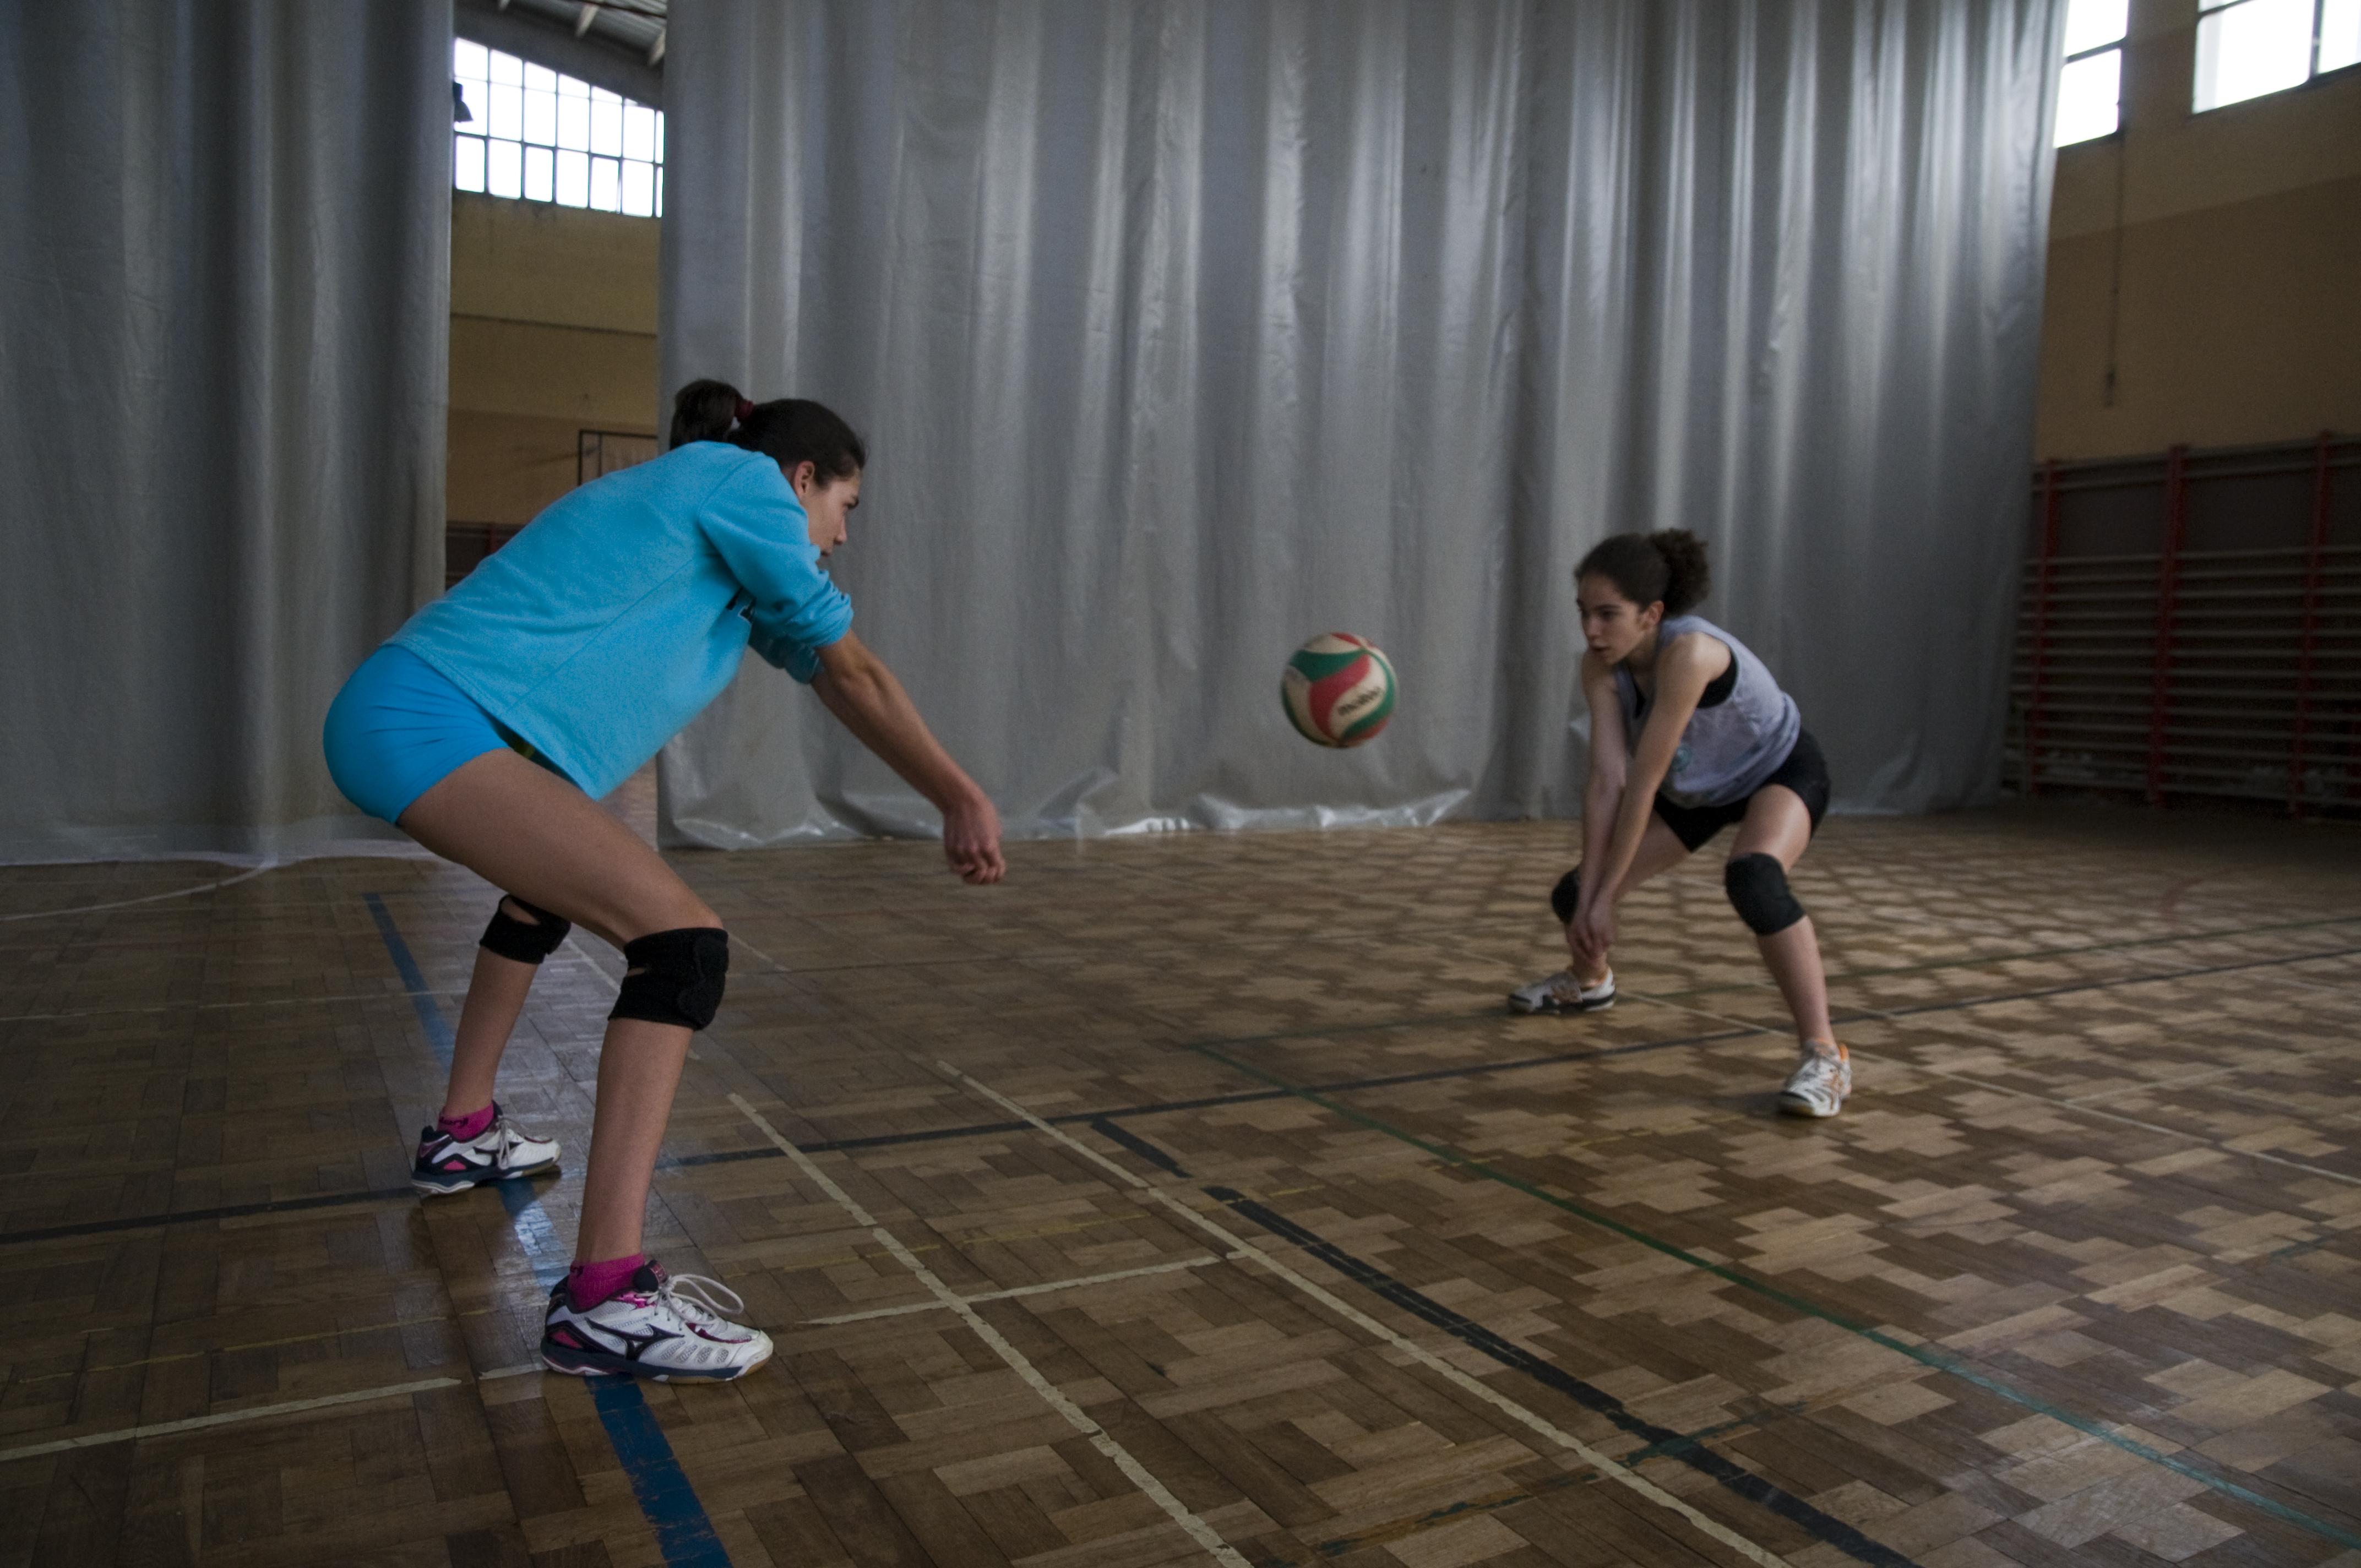 Cual es la posicion basica del jugador de voleibol